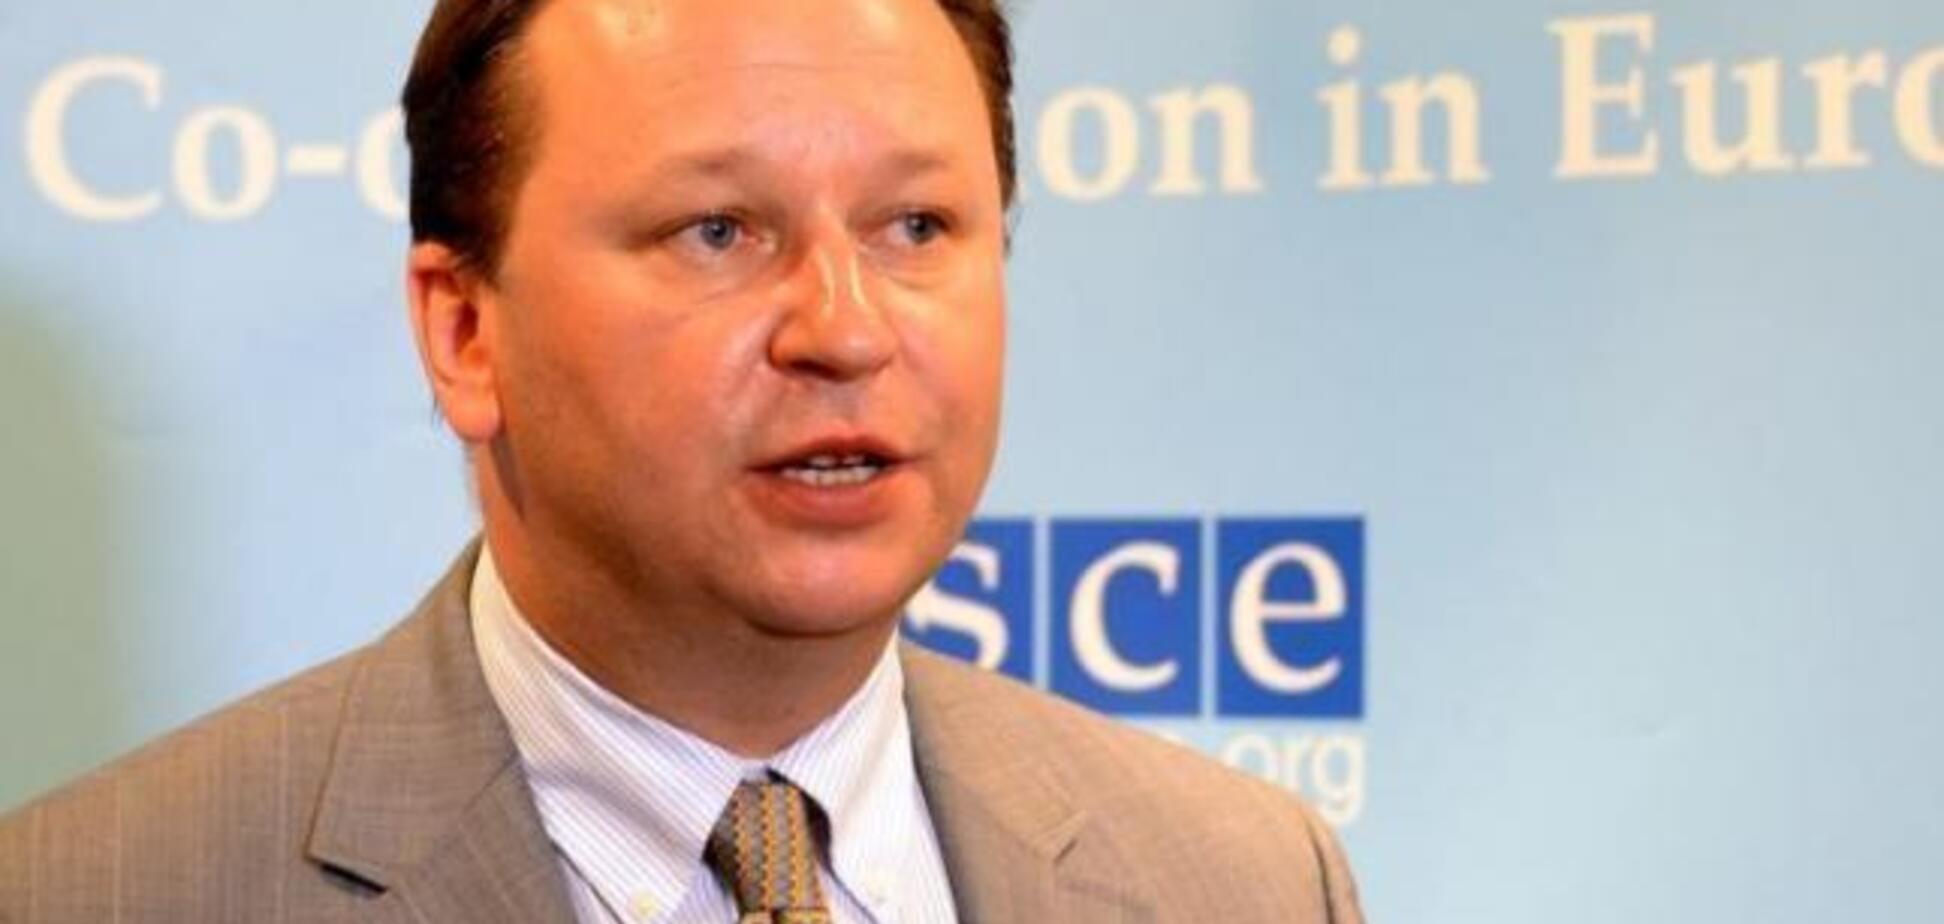 'Каждый отвечает за свой выбор': в МИД высказались о связи российского кандидата на пост главы Интерпола с Украиной